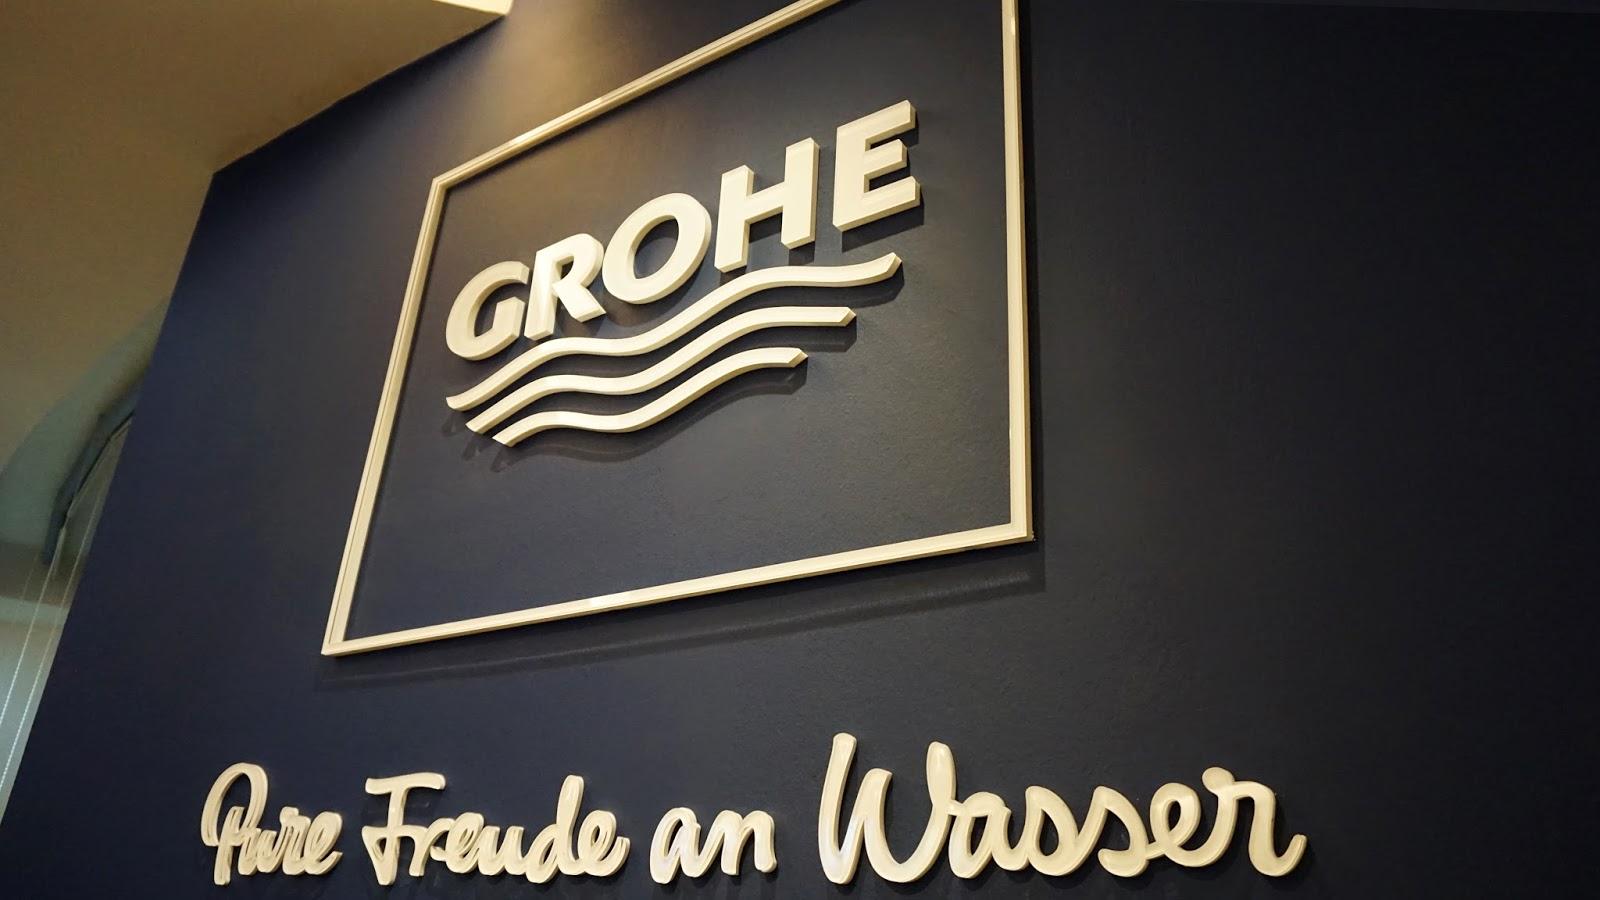 Grohe - Singapore | A M I N . A Y U B